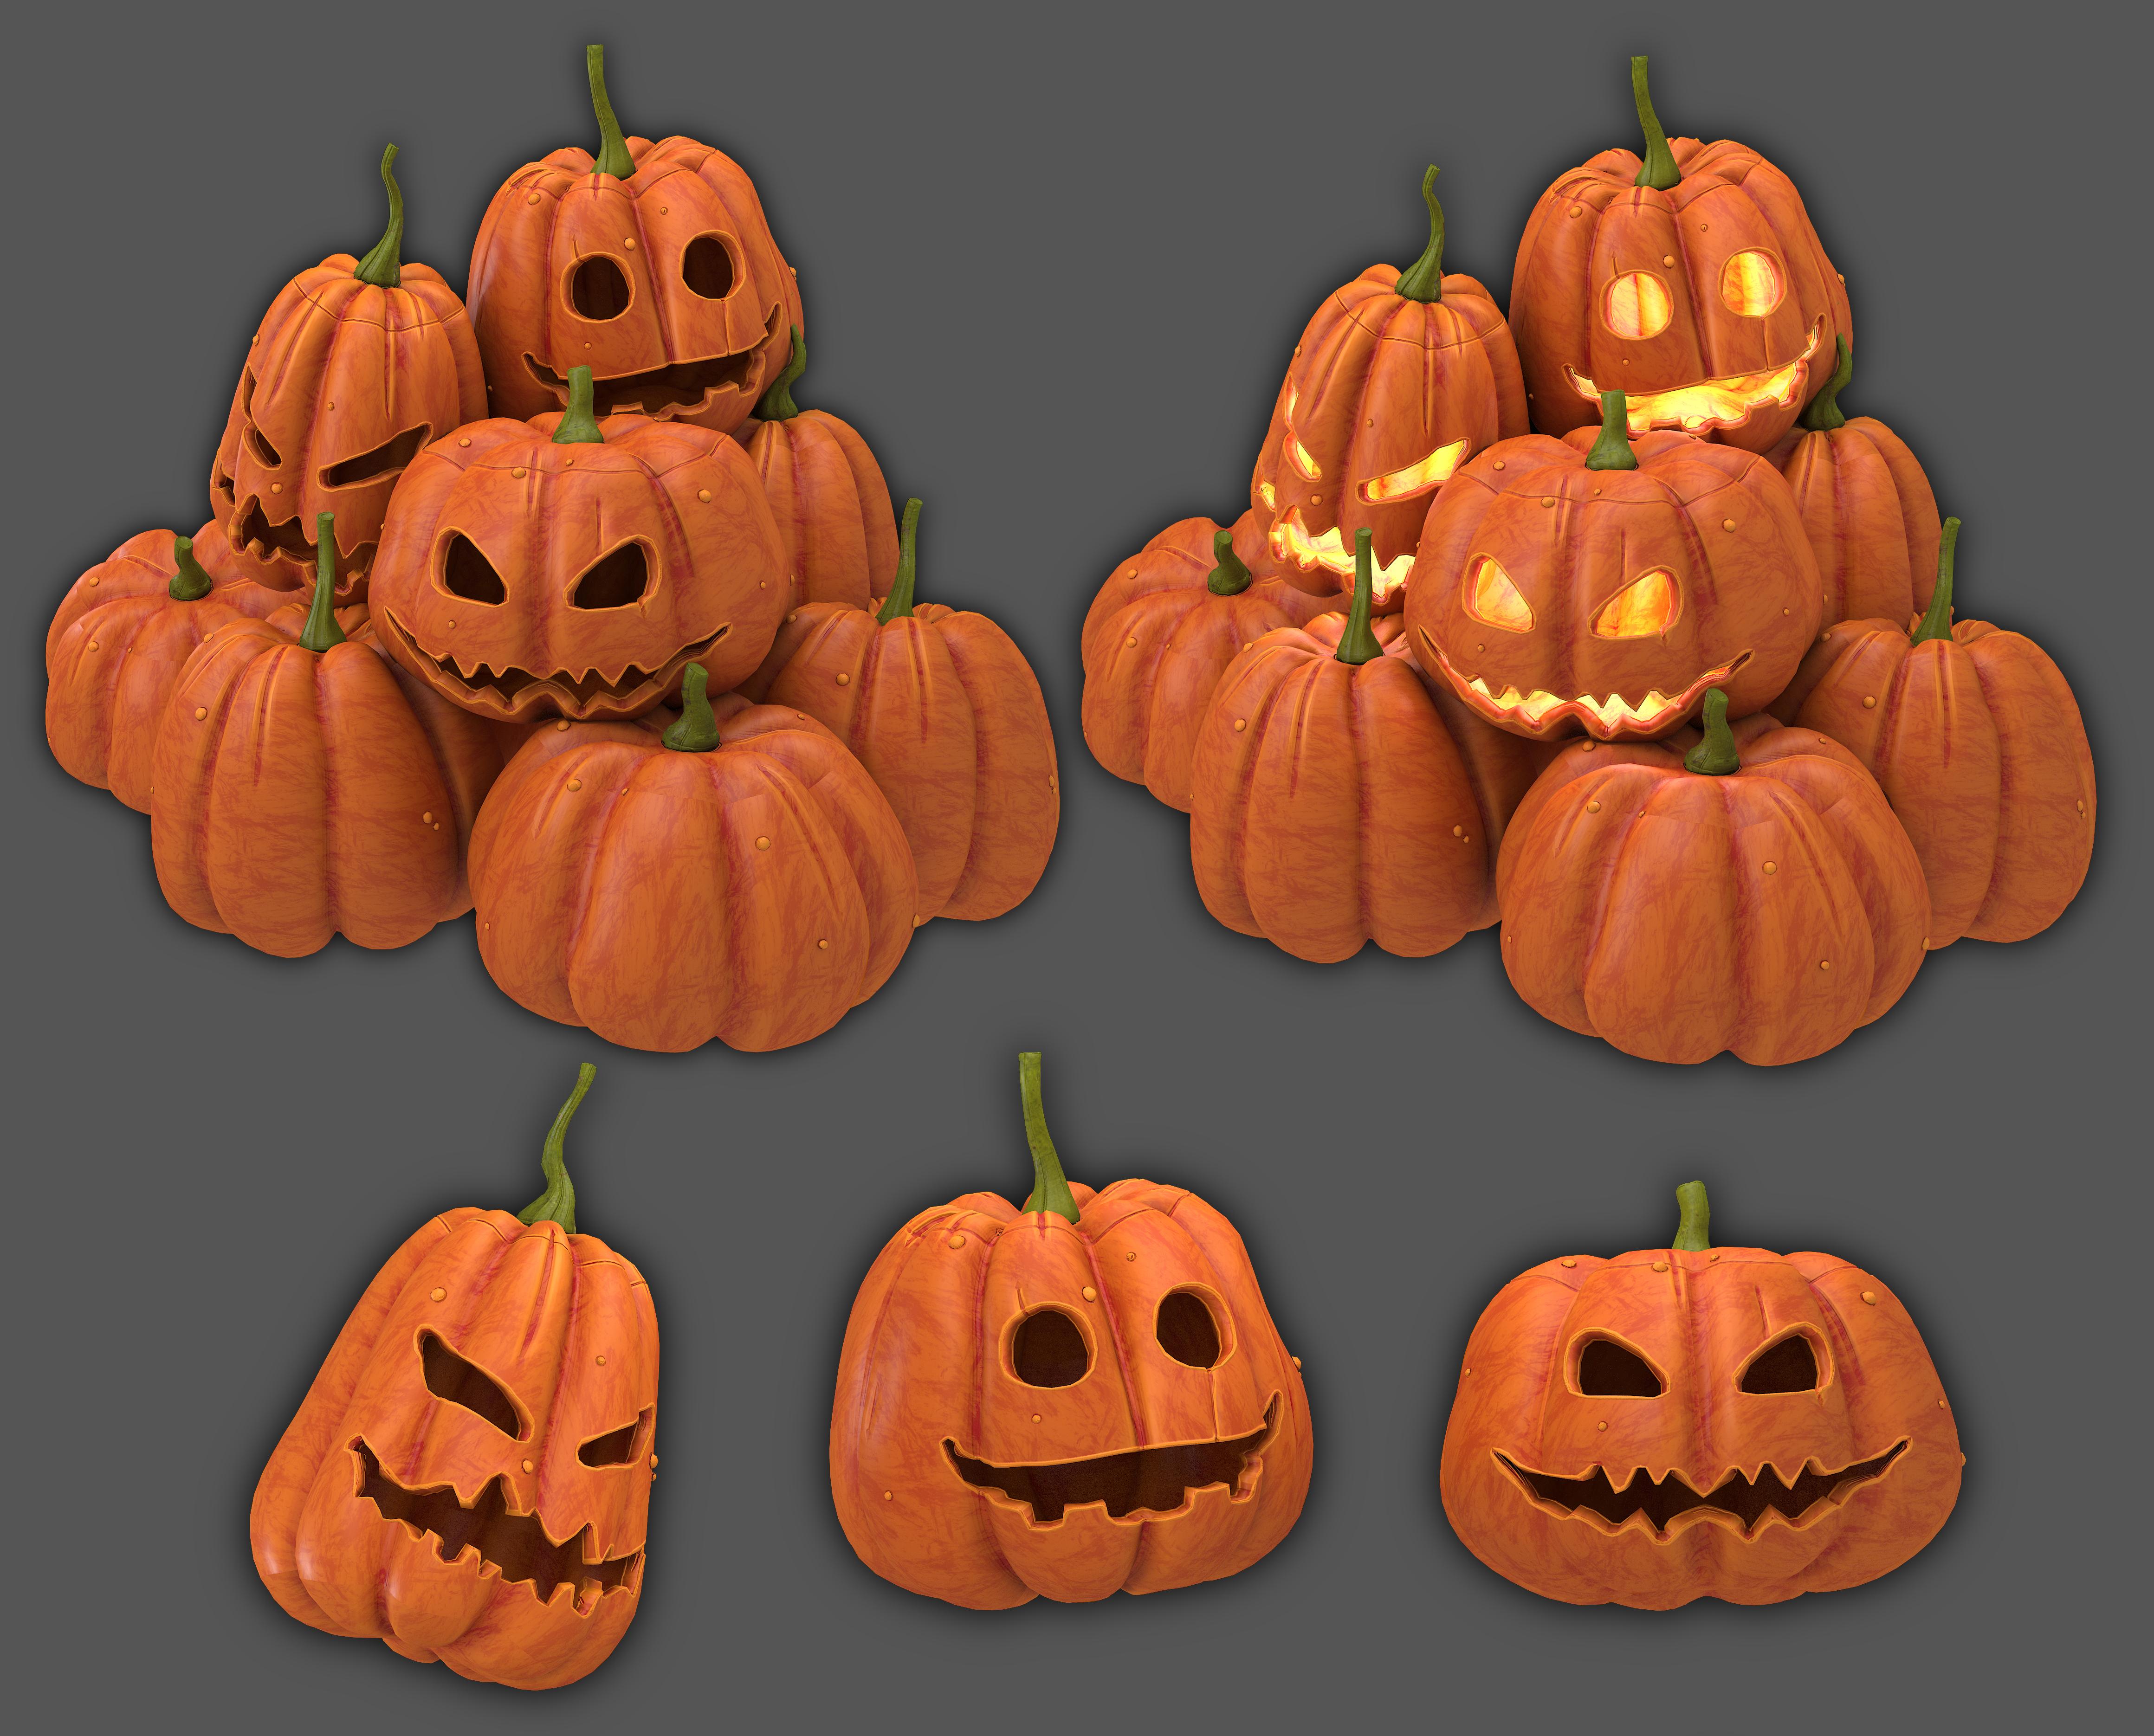 Halloween Pumpkins Low Poly 3d Model Turbosquid 1450694